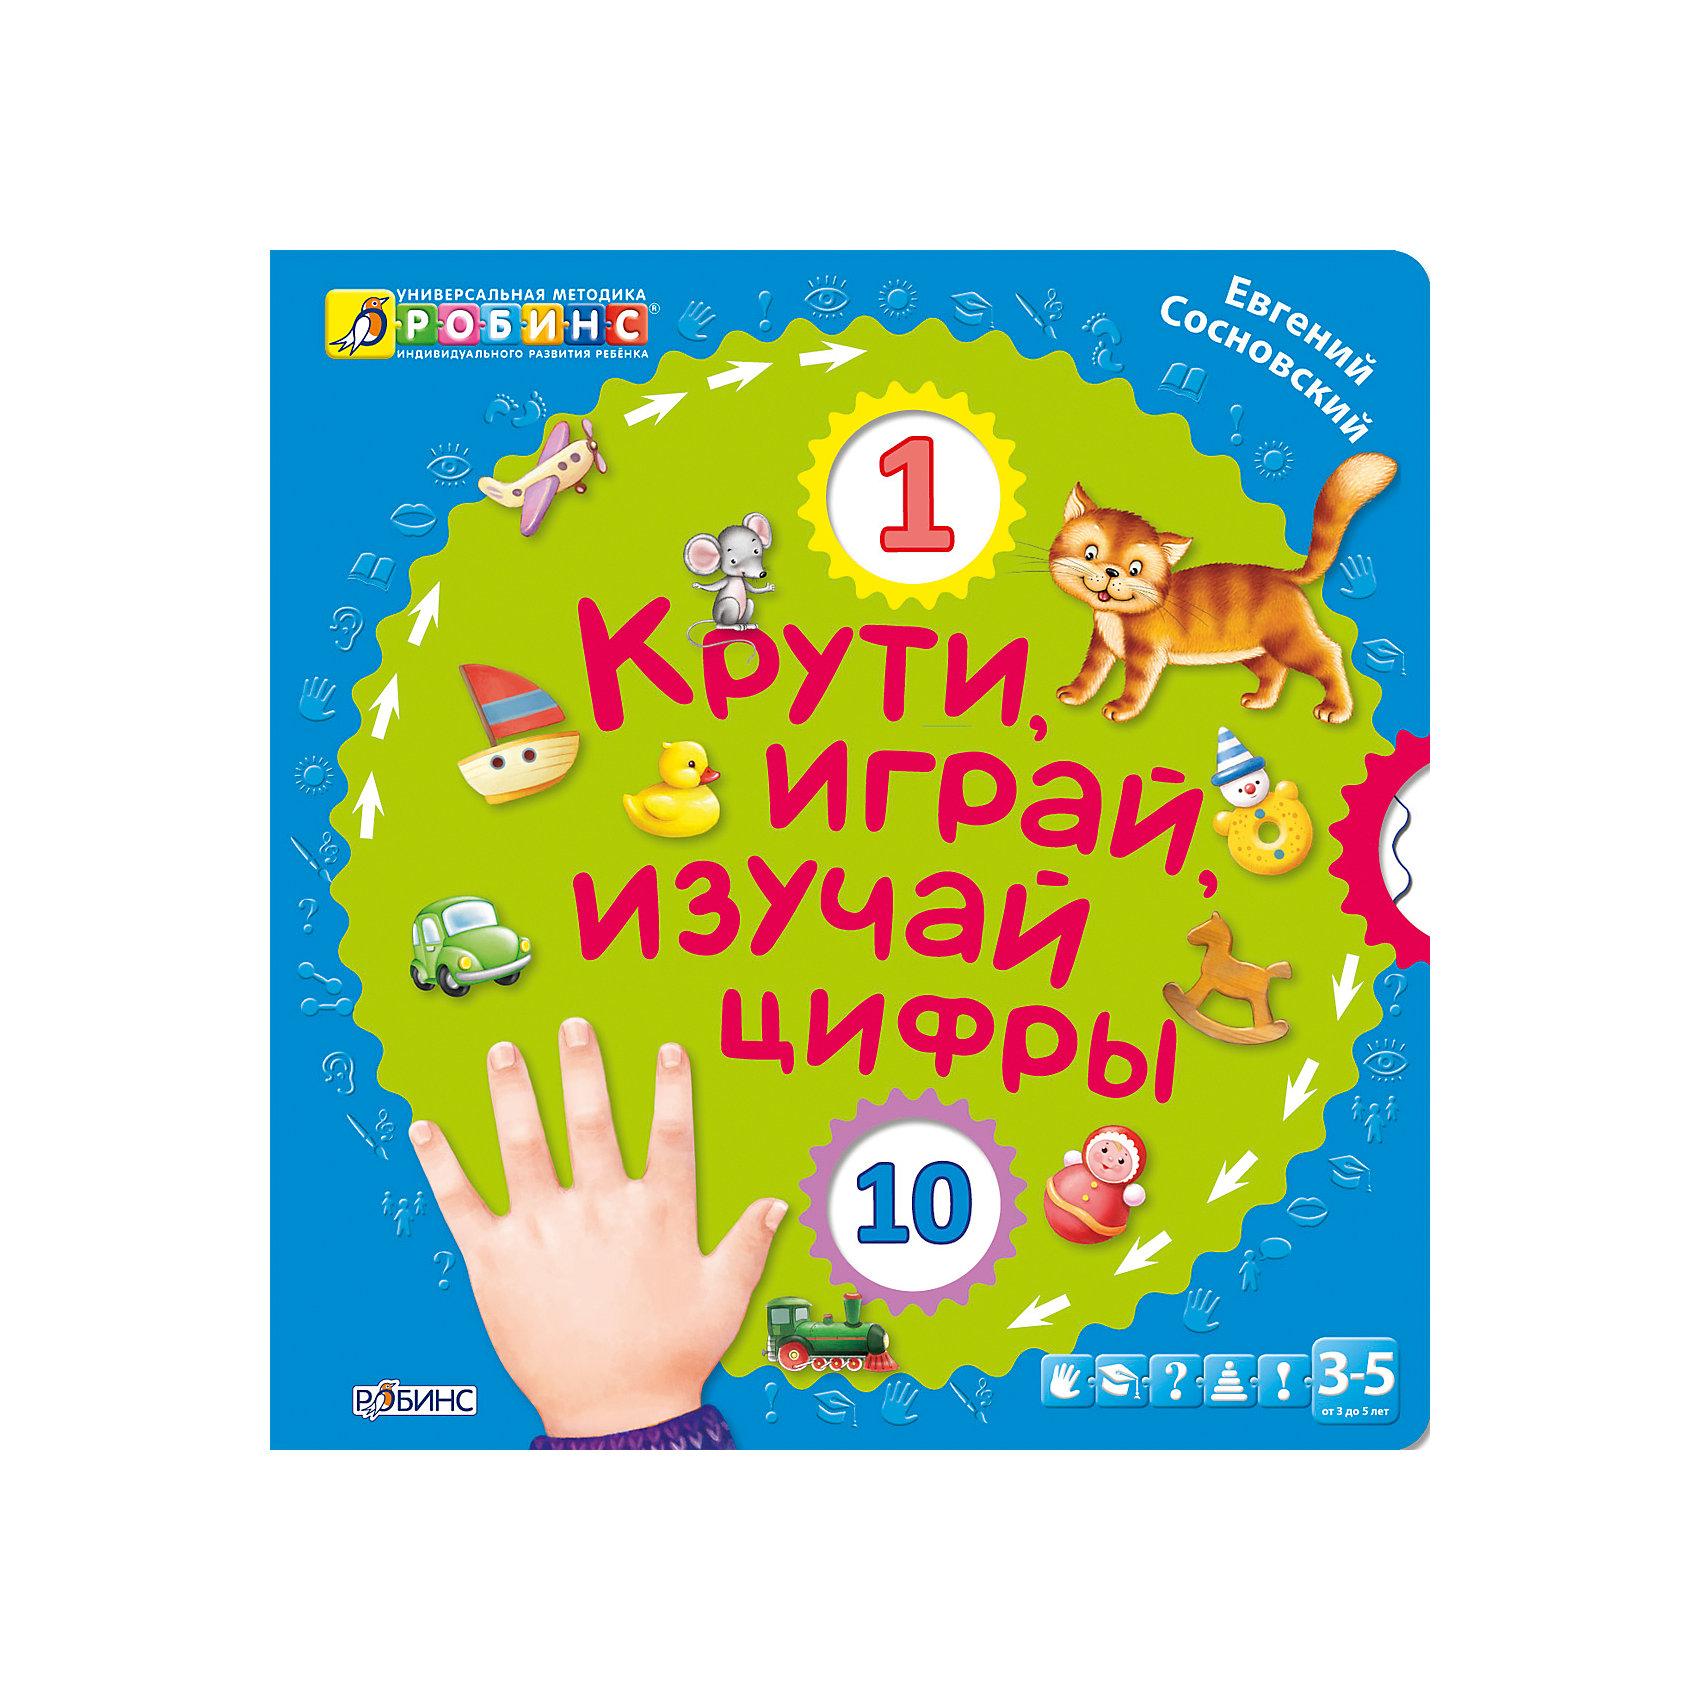 Крути, играй, изучай цифрыКрути, играй, изучай цифры – это книга составленная таким образом, чтобы было максимально легко научить ребенка счету от 1 до 10.<br>Первым учителем ребёнка являются родители, и свои первые математические навыки малыш приобретает благодаря мамам и папам. Самым первым и очень важным шагом в развитии детей на дороге к освоению счёта служит изучение цифр в игровой и стихотворной форме. Это позволит вашему малышу думать нестандартно и увидеть математику в новом свете, соответствующем возрасту. Как научить малыша счёту? В этом вам поможет увлекательная и забавная детская книжка с удивительными стихами про цифры и счёт, с которыми изучение превратится в удовольствие. Для развития малыша нет ничего лучше, как читать вместе с малышом стихи. В процессе чтения формируется слуховое внимание, восприятие и память, вырабатывается грамматически правильная речь. Необычная конструкция позволит в игровой форме выучить цифры и научиться счёту, разглядывая красивые картинки. Читайте стихи, играйте и изучайте вместе с вашим малышом, и ваш ребёнок быстро освоит счёт и познакомится с удивительным миром цифр. Соберите все книги серии «Крути, играй, изучай: буквы, цифры, мир вокруг».<br><br>Дополнительная информация:<br><br>- Автор: Евгений Леонович Сосновский<br>- Издательство: Робинс<br>- Серия: Универсальная методика индивидуального развития ребенка. Книги с колесиками<br>- Переплет: твердый переплет, плотная бумага или картон<br>- Оформление: вырубка<br>- Количество страниц: 12 (картон)<br>- Иллюстрации: цветные<br>- Размер: 22,6х23,6х1,2 см.<br>- Вес: 418 гр.<br><br>Книгу «Крути, играй, изучай цифры» можно купить в нашем интернет-магазине.<br><br>Ширина мм: 226<br>Глубина мм: 236<br>Высота мм: 12<br>Вес г: 418<br>Возраст от месяцев: 48<br>Возраст до месяцев: 60<br>Пол: Унисекс<br>Возраст: Детский<br>SKU: 4062265